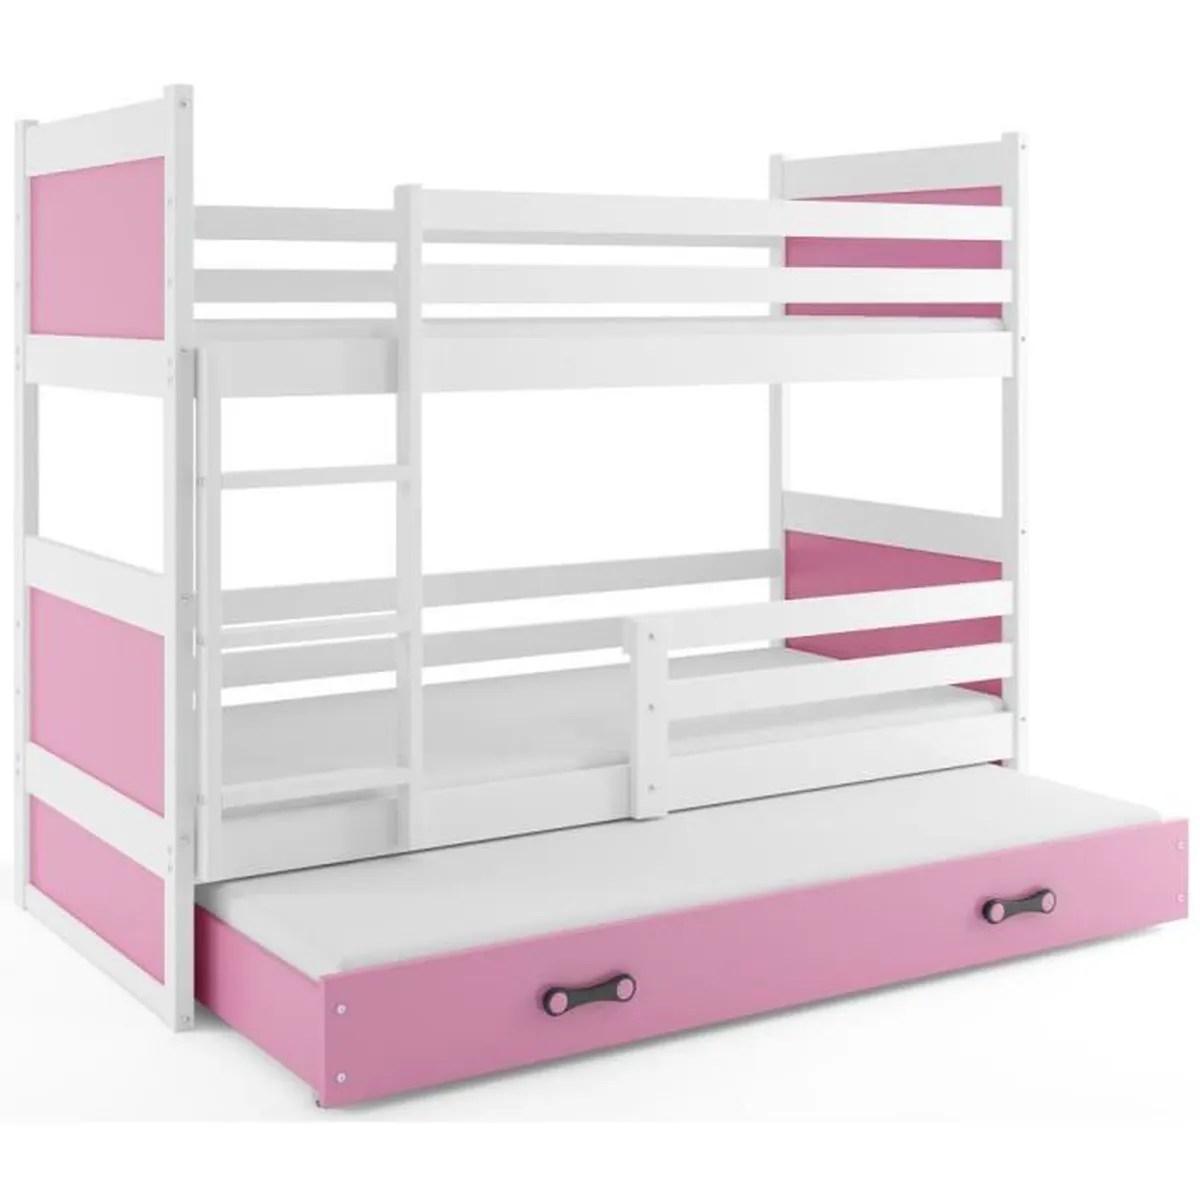 lit superpose rico 3 places 190x80 avec matelas sommiers et tiroir lit en blanc rose